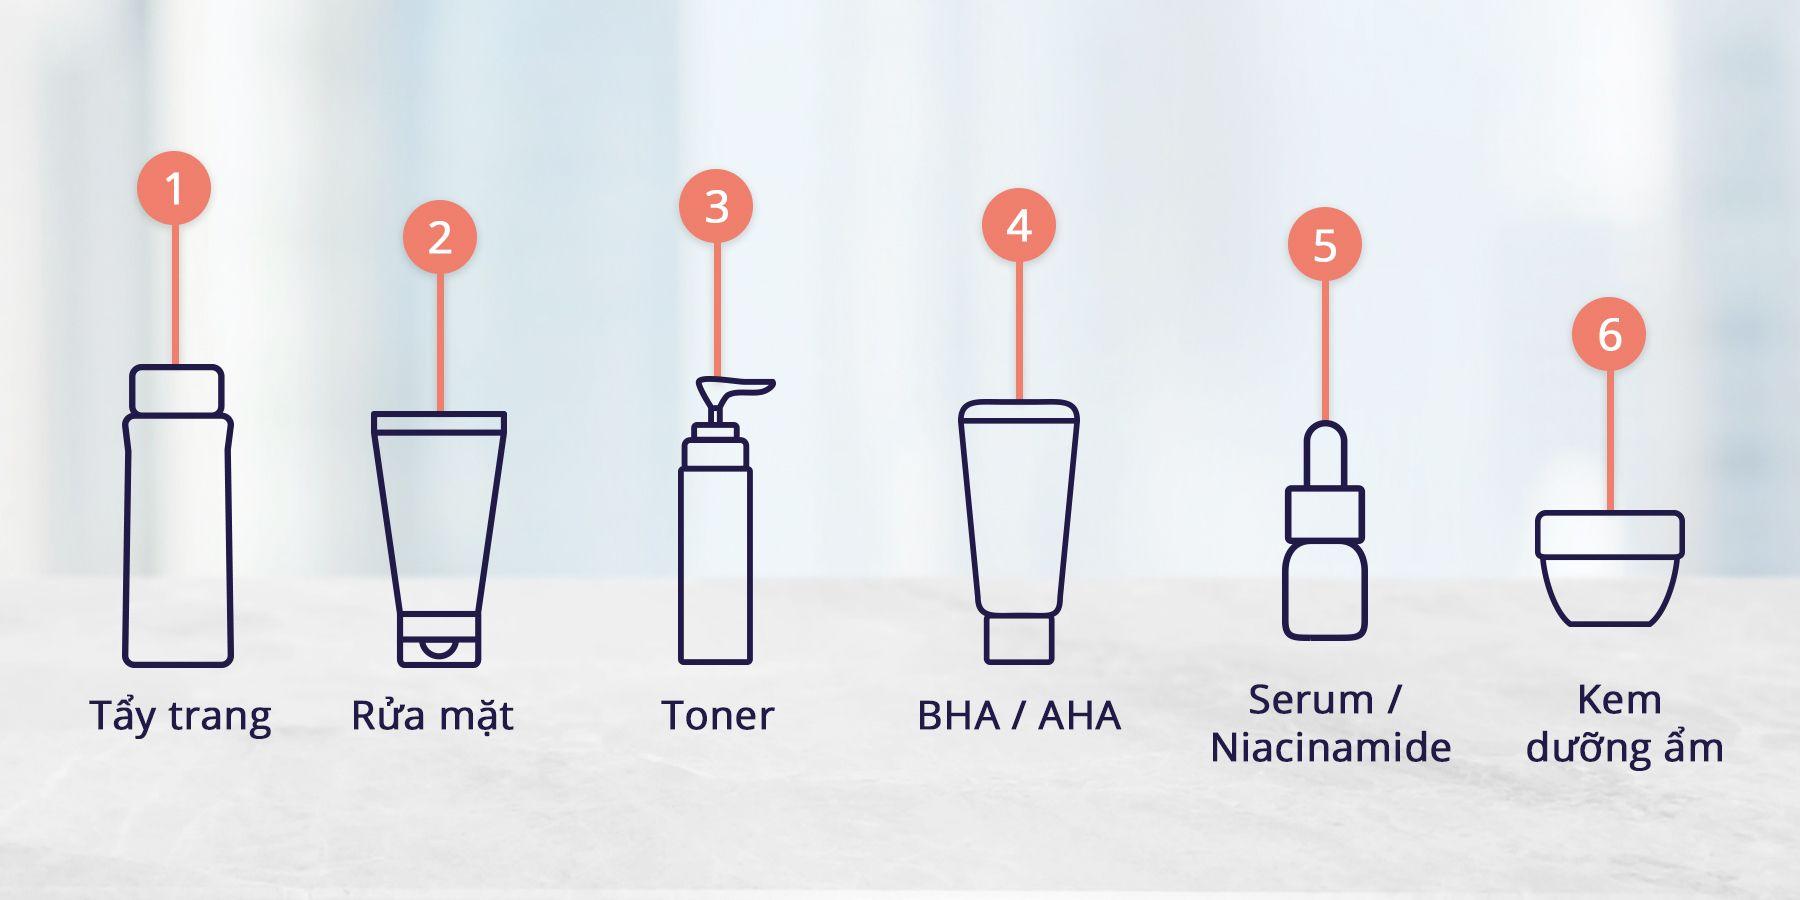 Các bước sử dụng AHA/BHA chuẩn